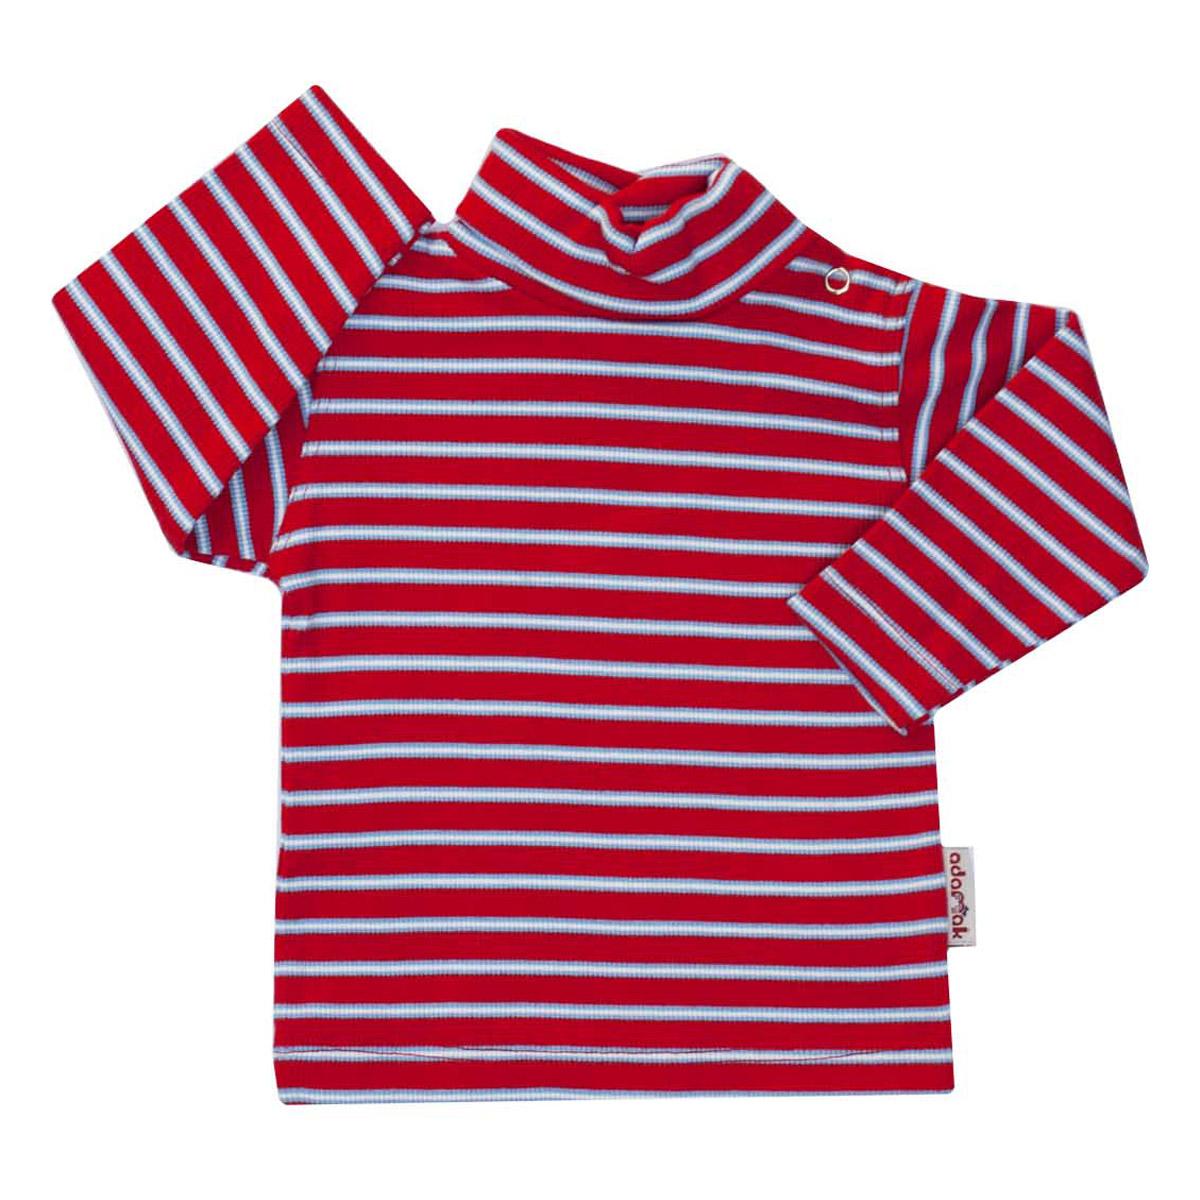 تی شرت آدمک طرح راه راه کد 10-1444011 -  - 3